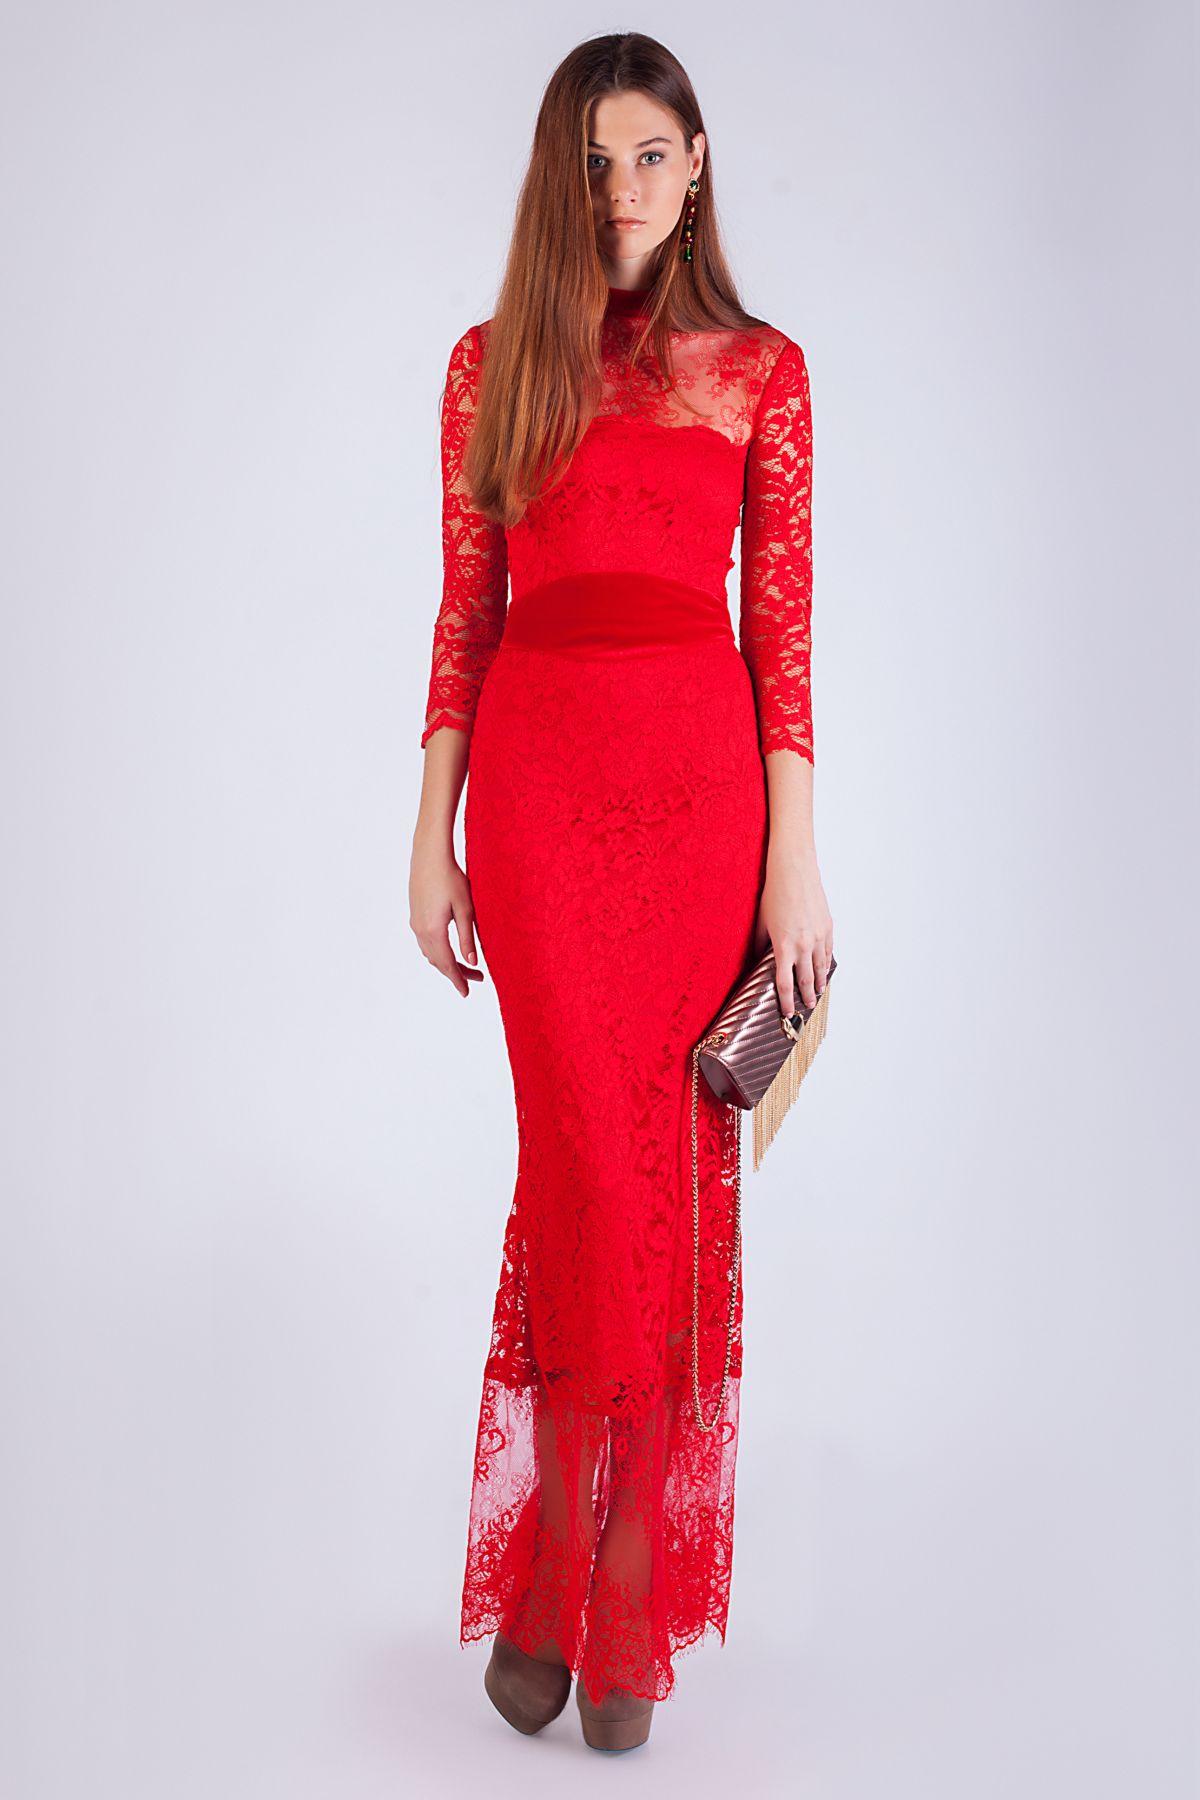 Кружевное красное вечернее платье Roman Rush   Купить длинное ... 3fd74341e1a